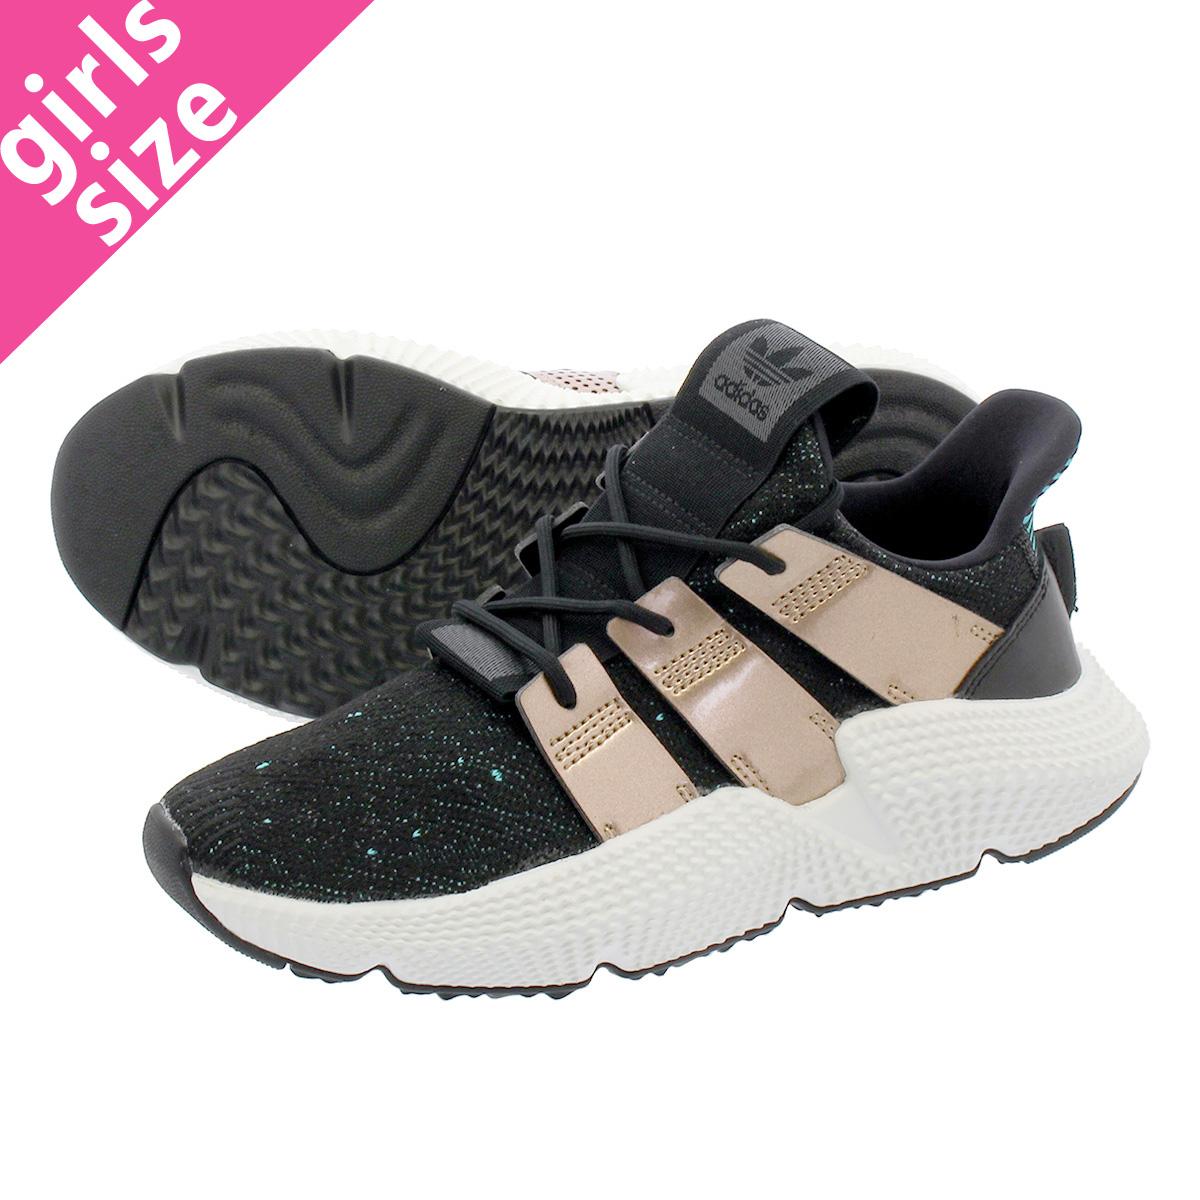 80b27a100c24 LOWTEX PLUS  adidas PROPHERE W Adidas pro Fear W CORE BLACK LIGHT COPPER  MET HI-RES AQUA